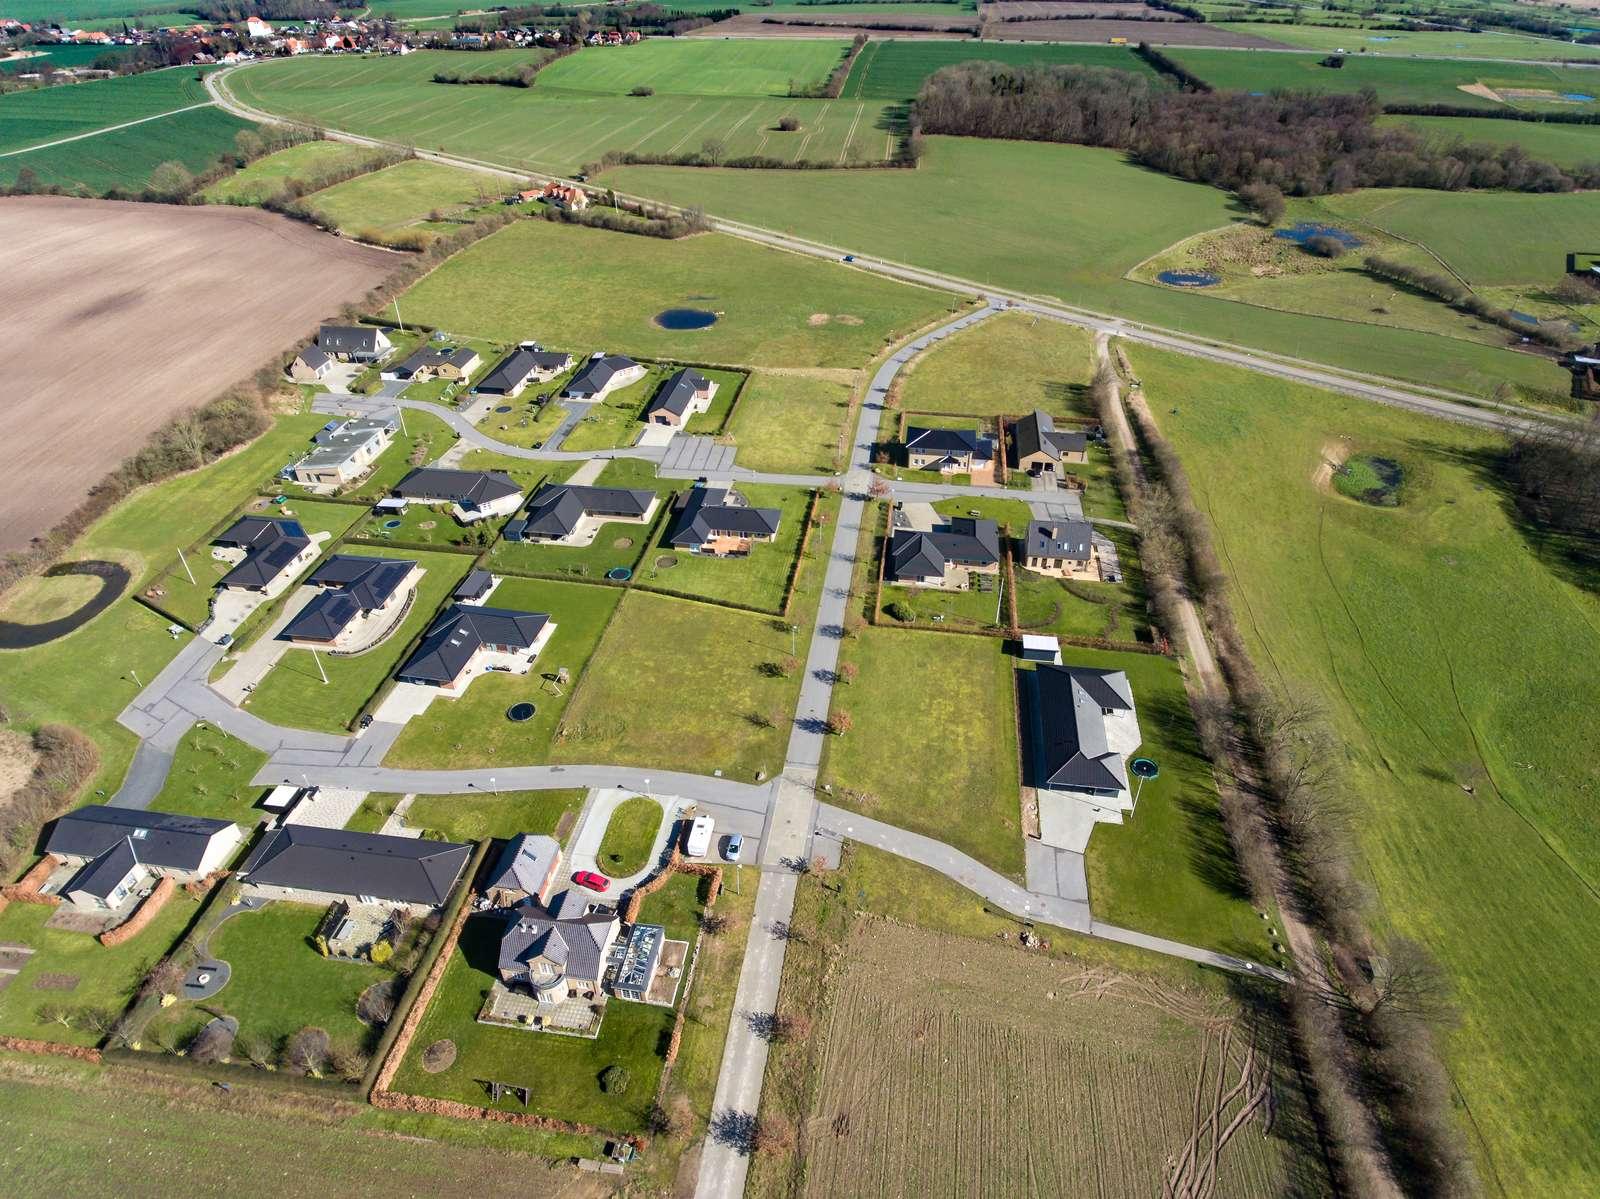 Mulighed for nye boliger i Blans og Augustenborg